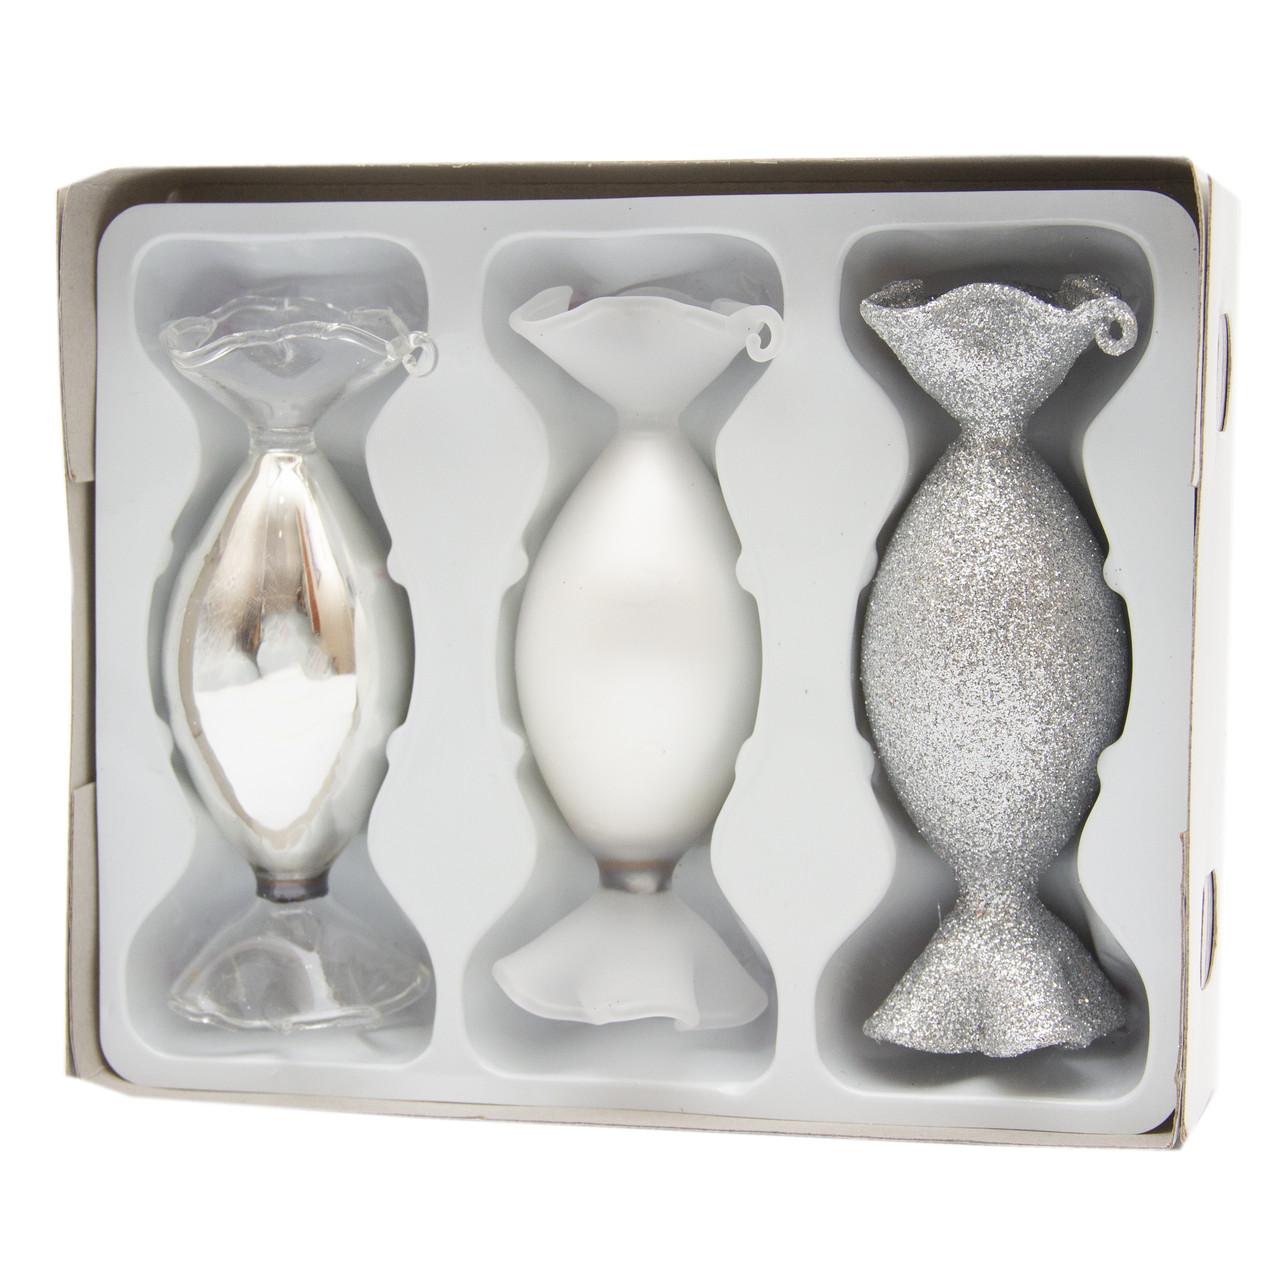 Набор елочных игрушек - конфеты, 3 шт, 3,5*10 см, серебристый, микс, стекло (390151-15)